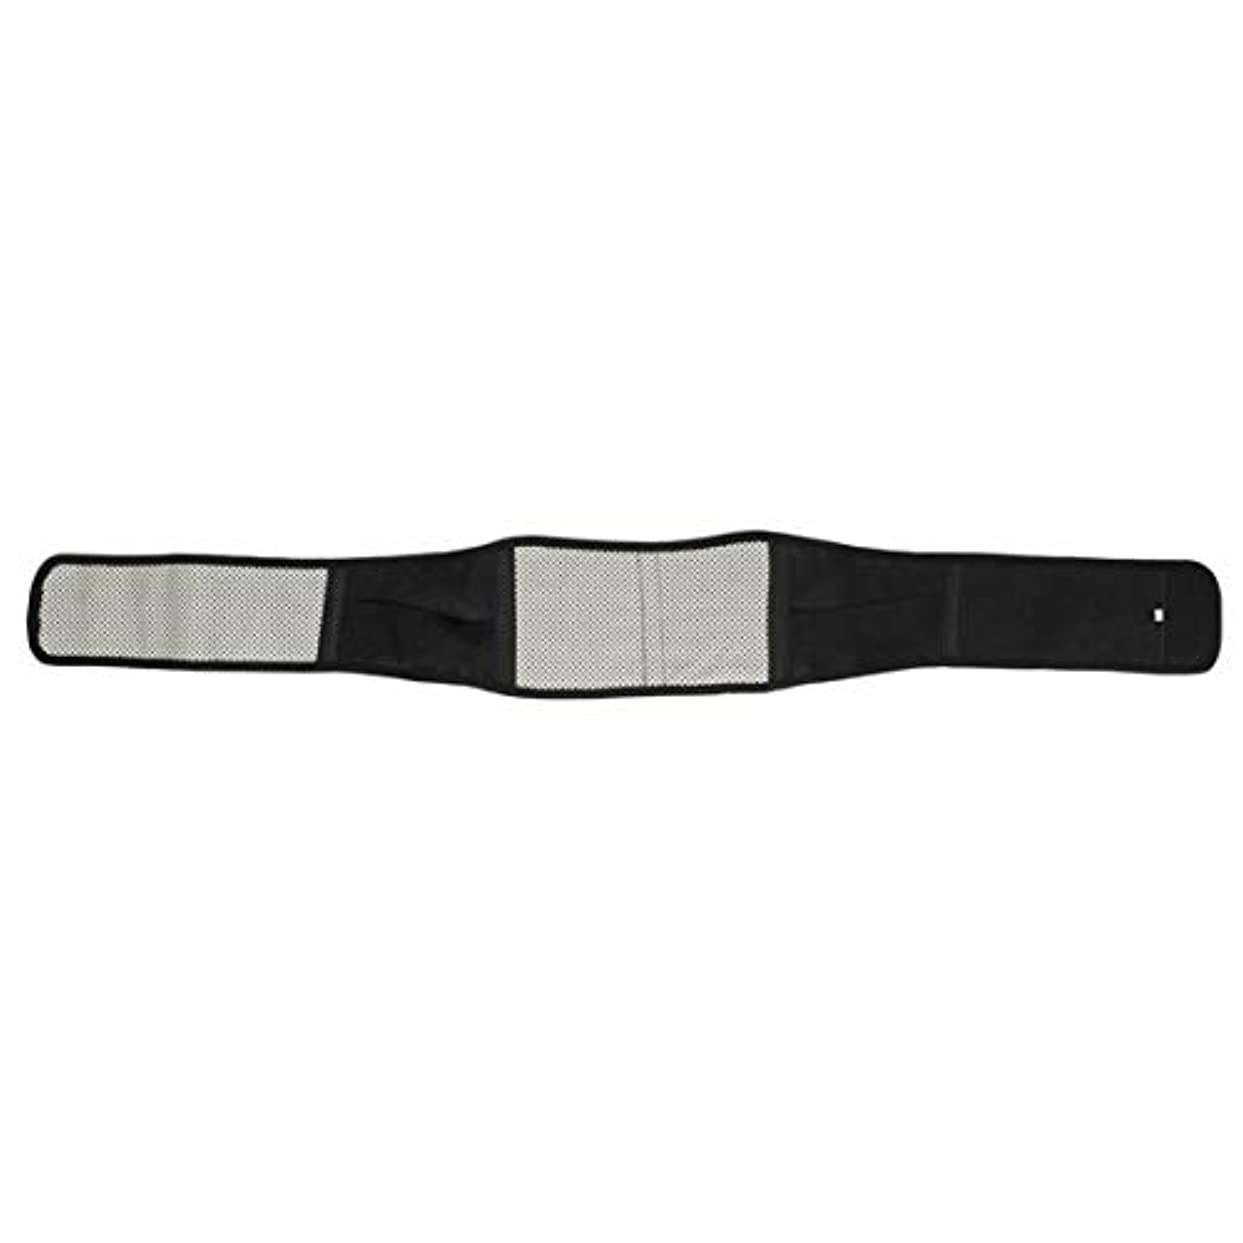 滅びる困惑する連邦腰部サポート痛みマッサージャー赤外線磁気バックブレース自己加熱療法ウエストベルト調節可能な姿勢ベルト